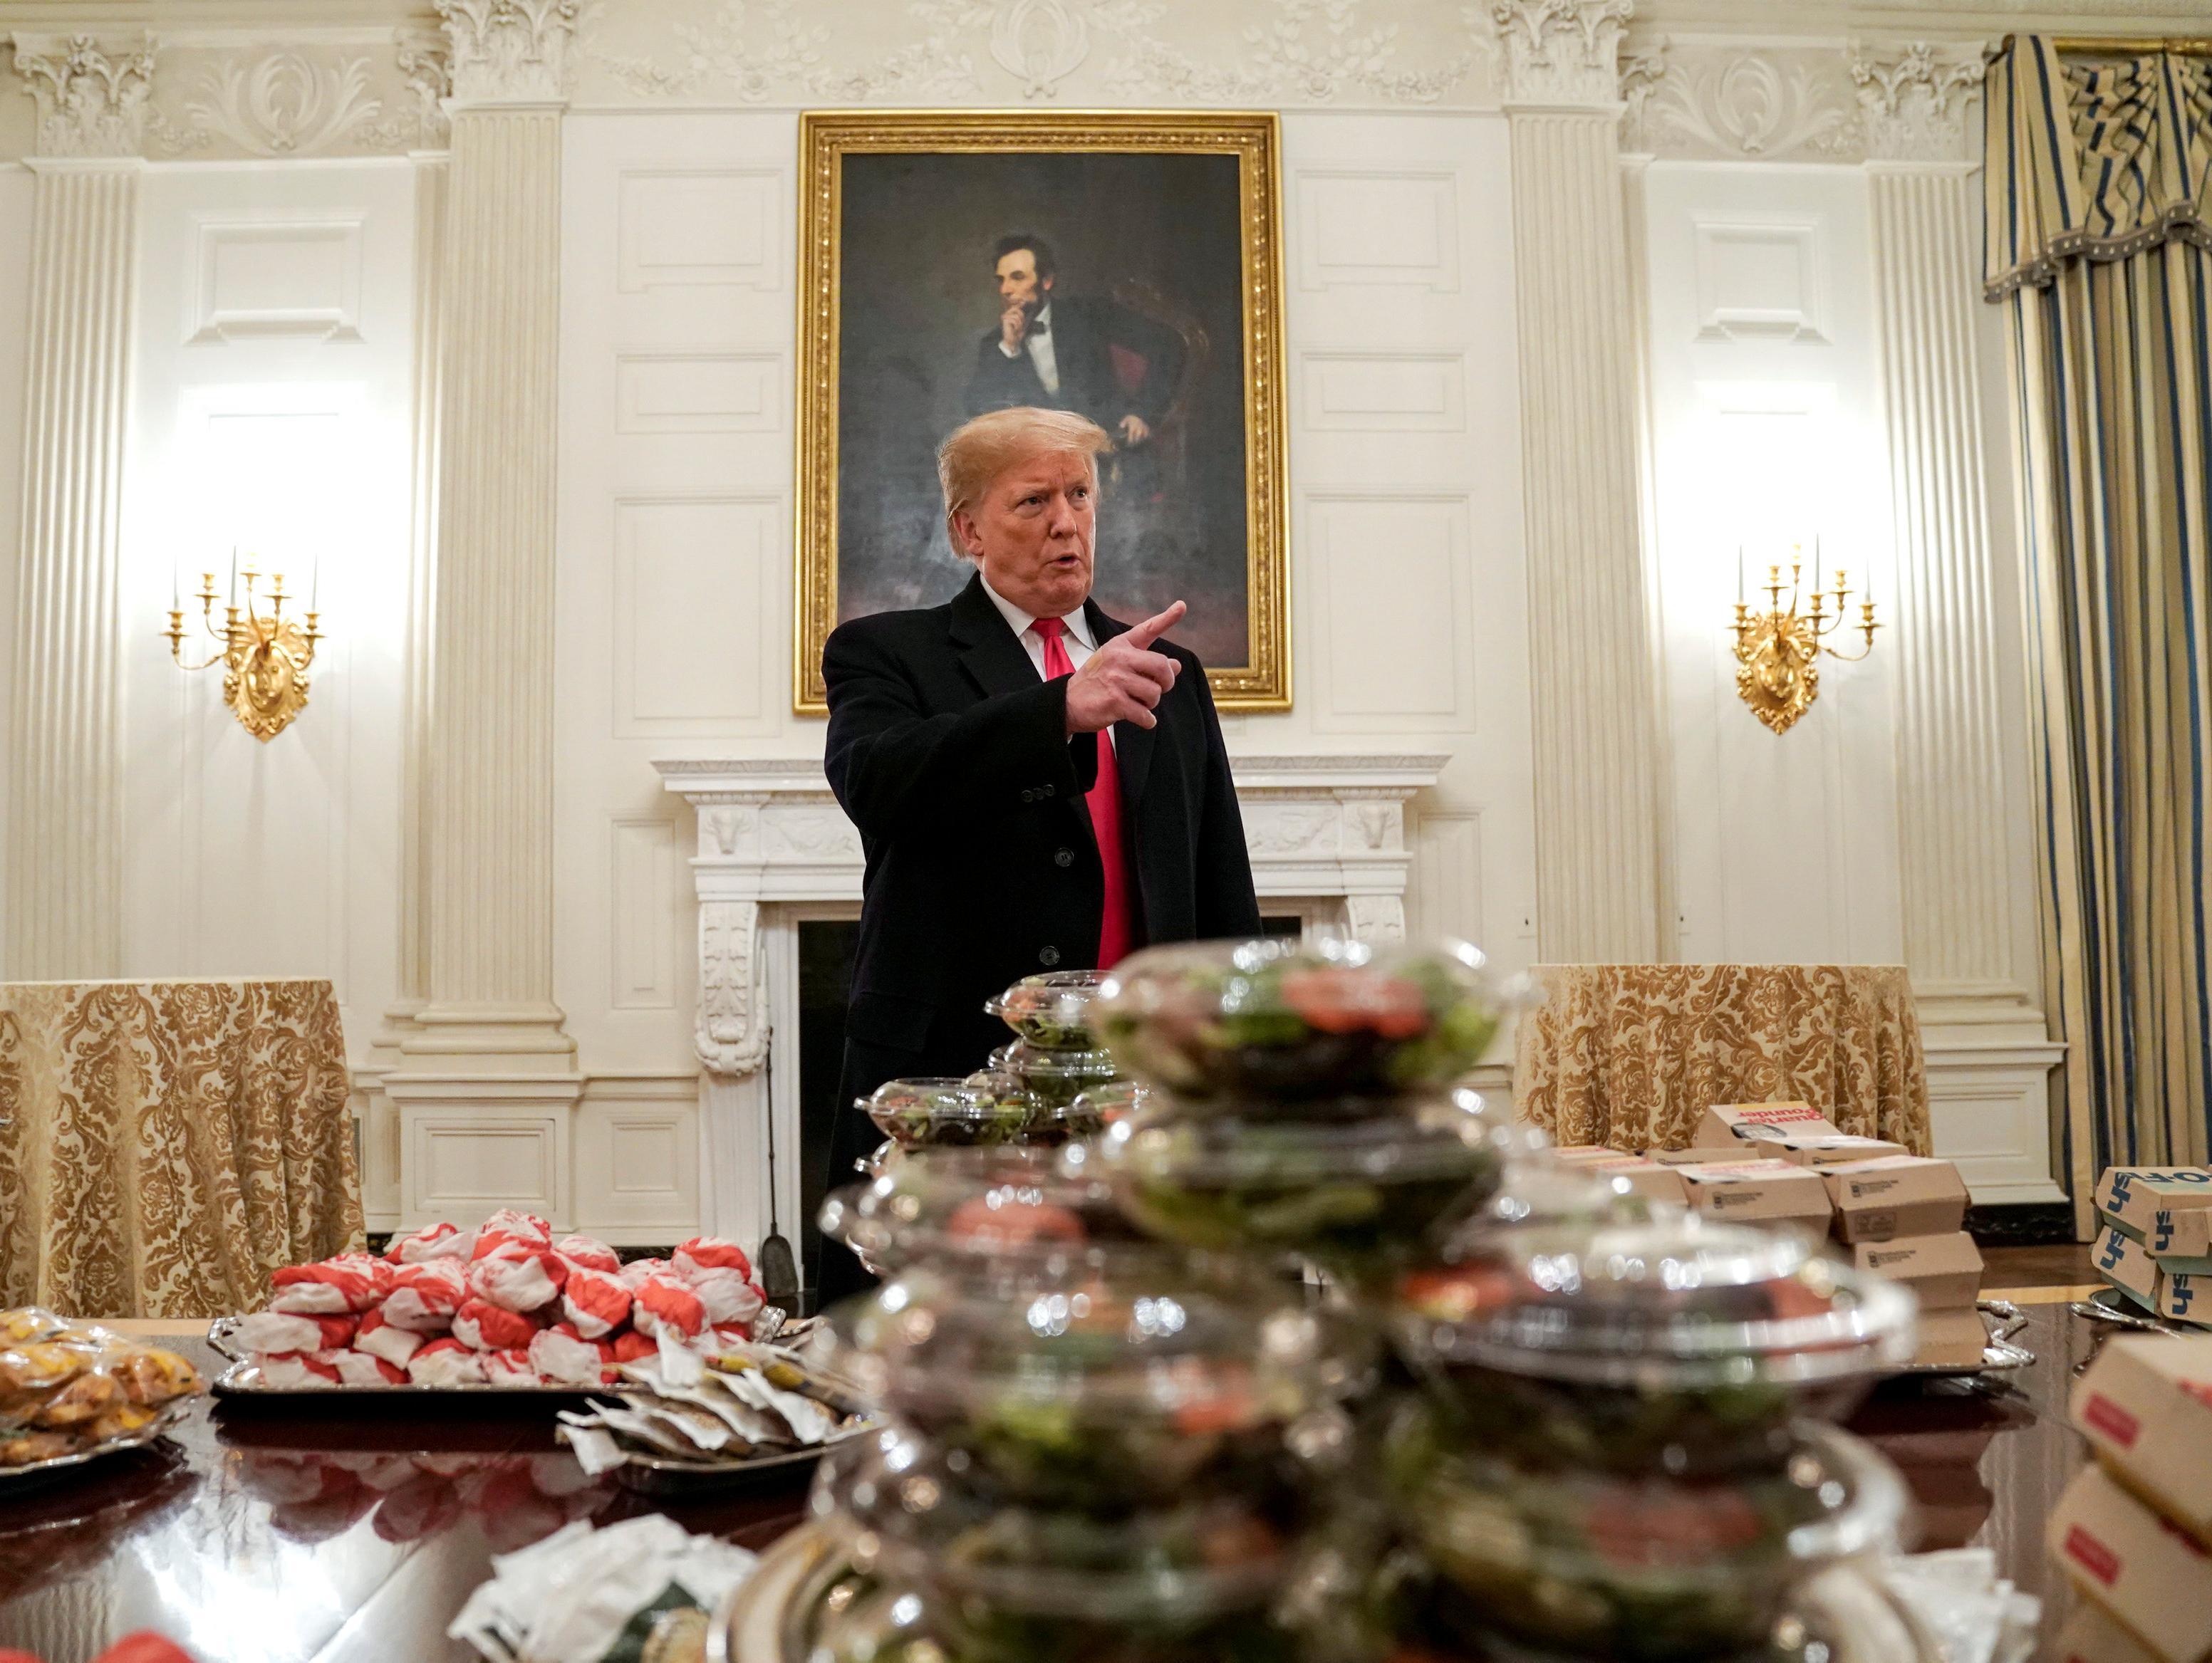 אין טבחים, אבל יש ג'אנק: טראמפ הזמין המבורגרים לאירוע בבית הלבן